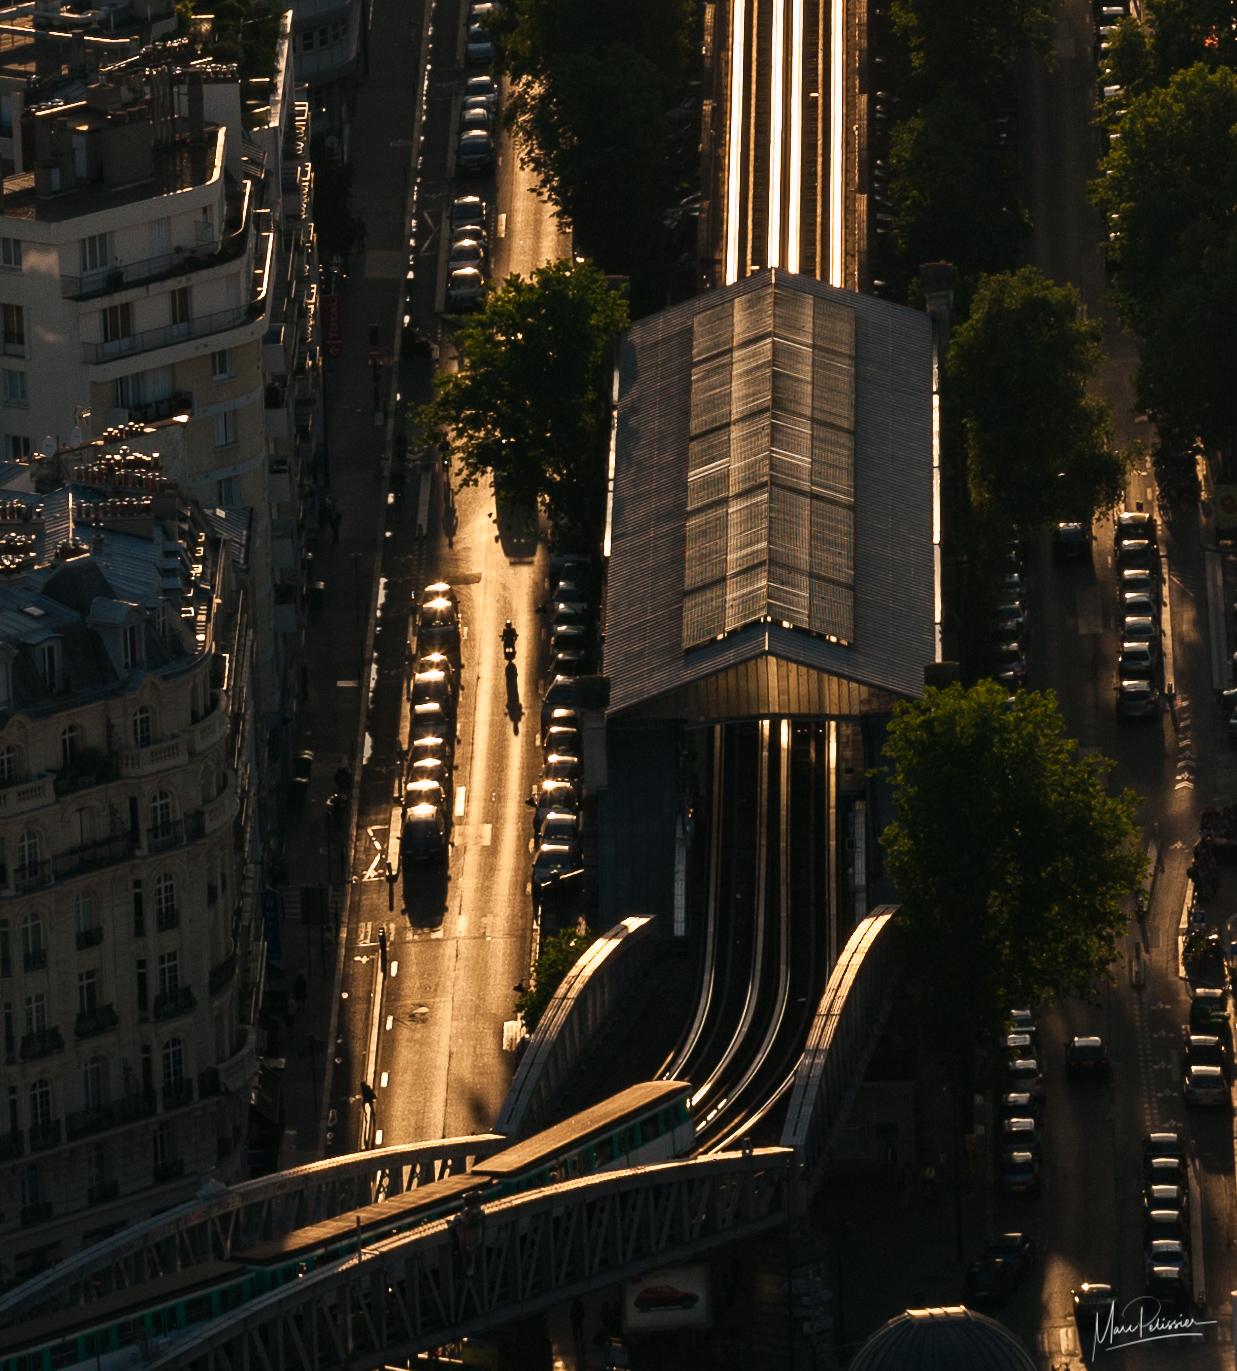 Top of Tour Montparnasse -Paris, France